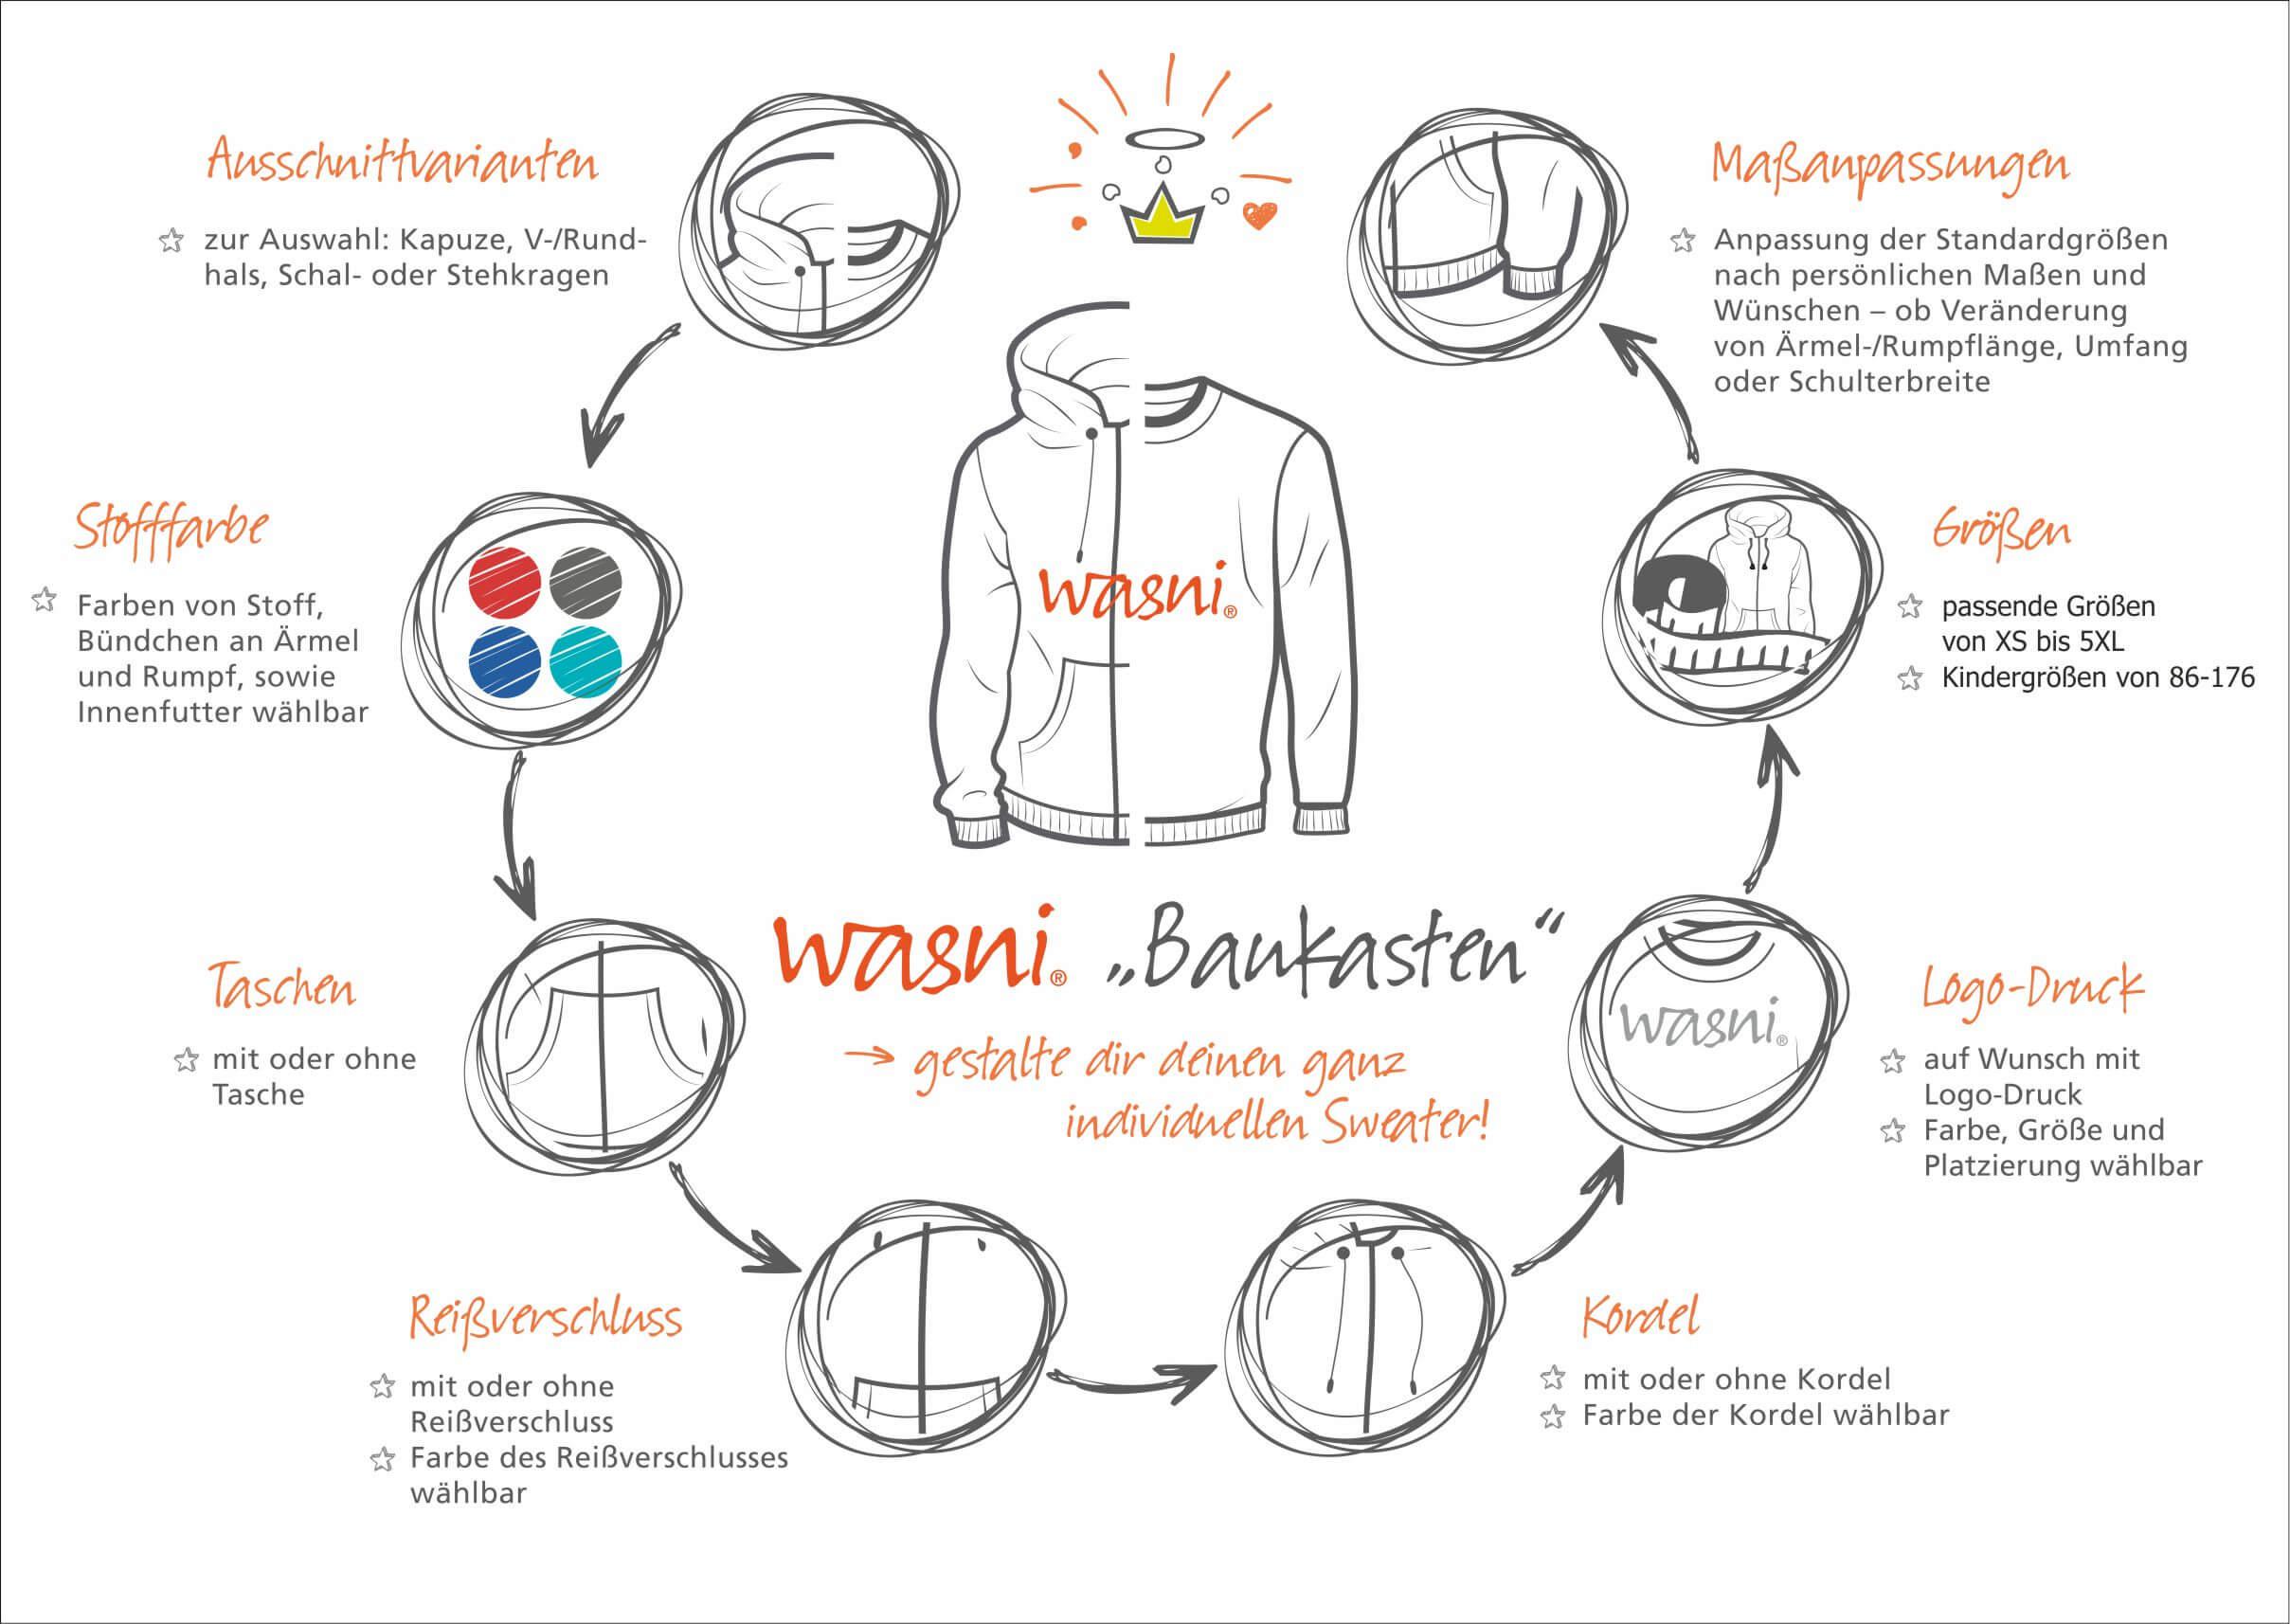 wasni-baukasten_gestalte hoodies sweater pullover nach deinen Wünschen aus Bio-Textilien